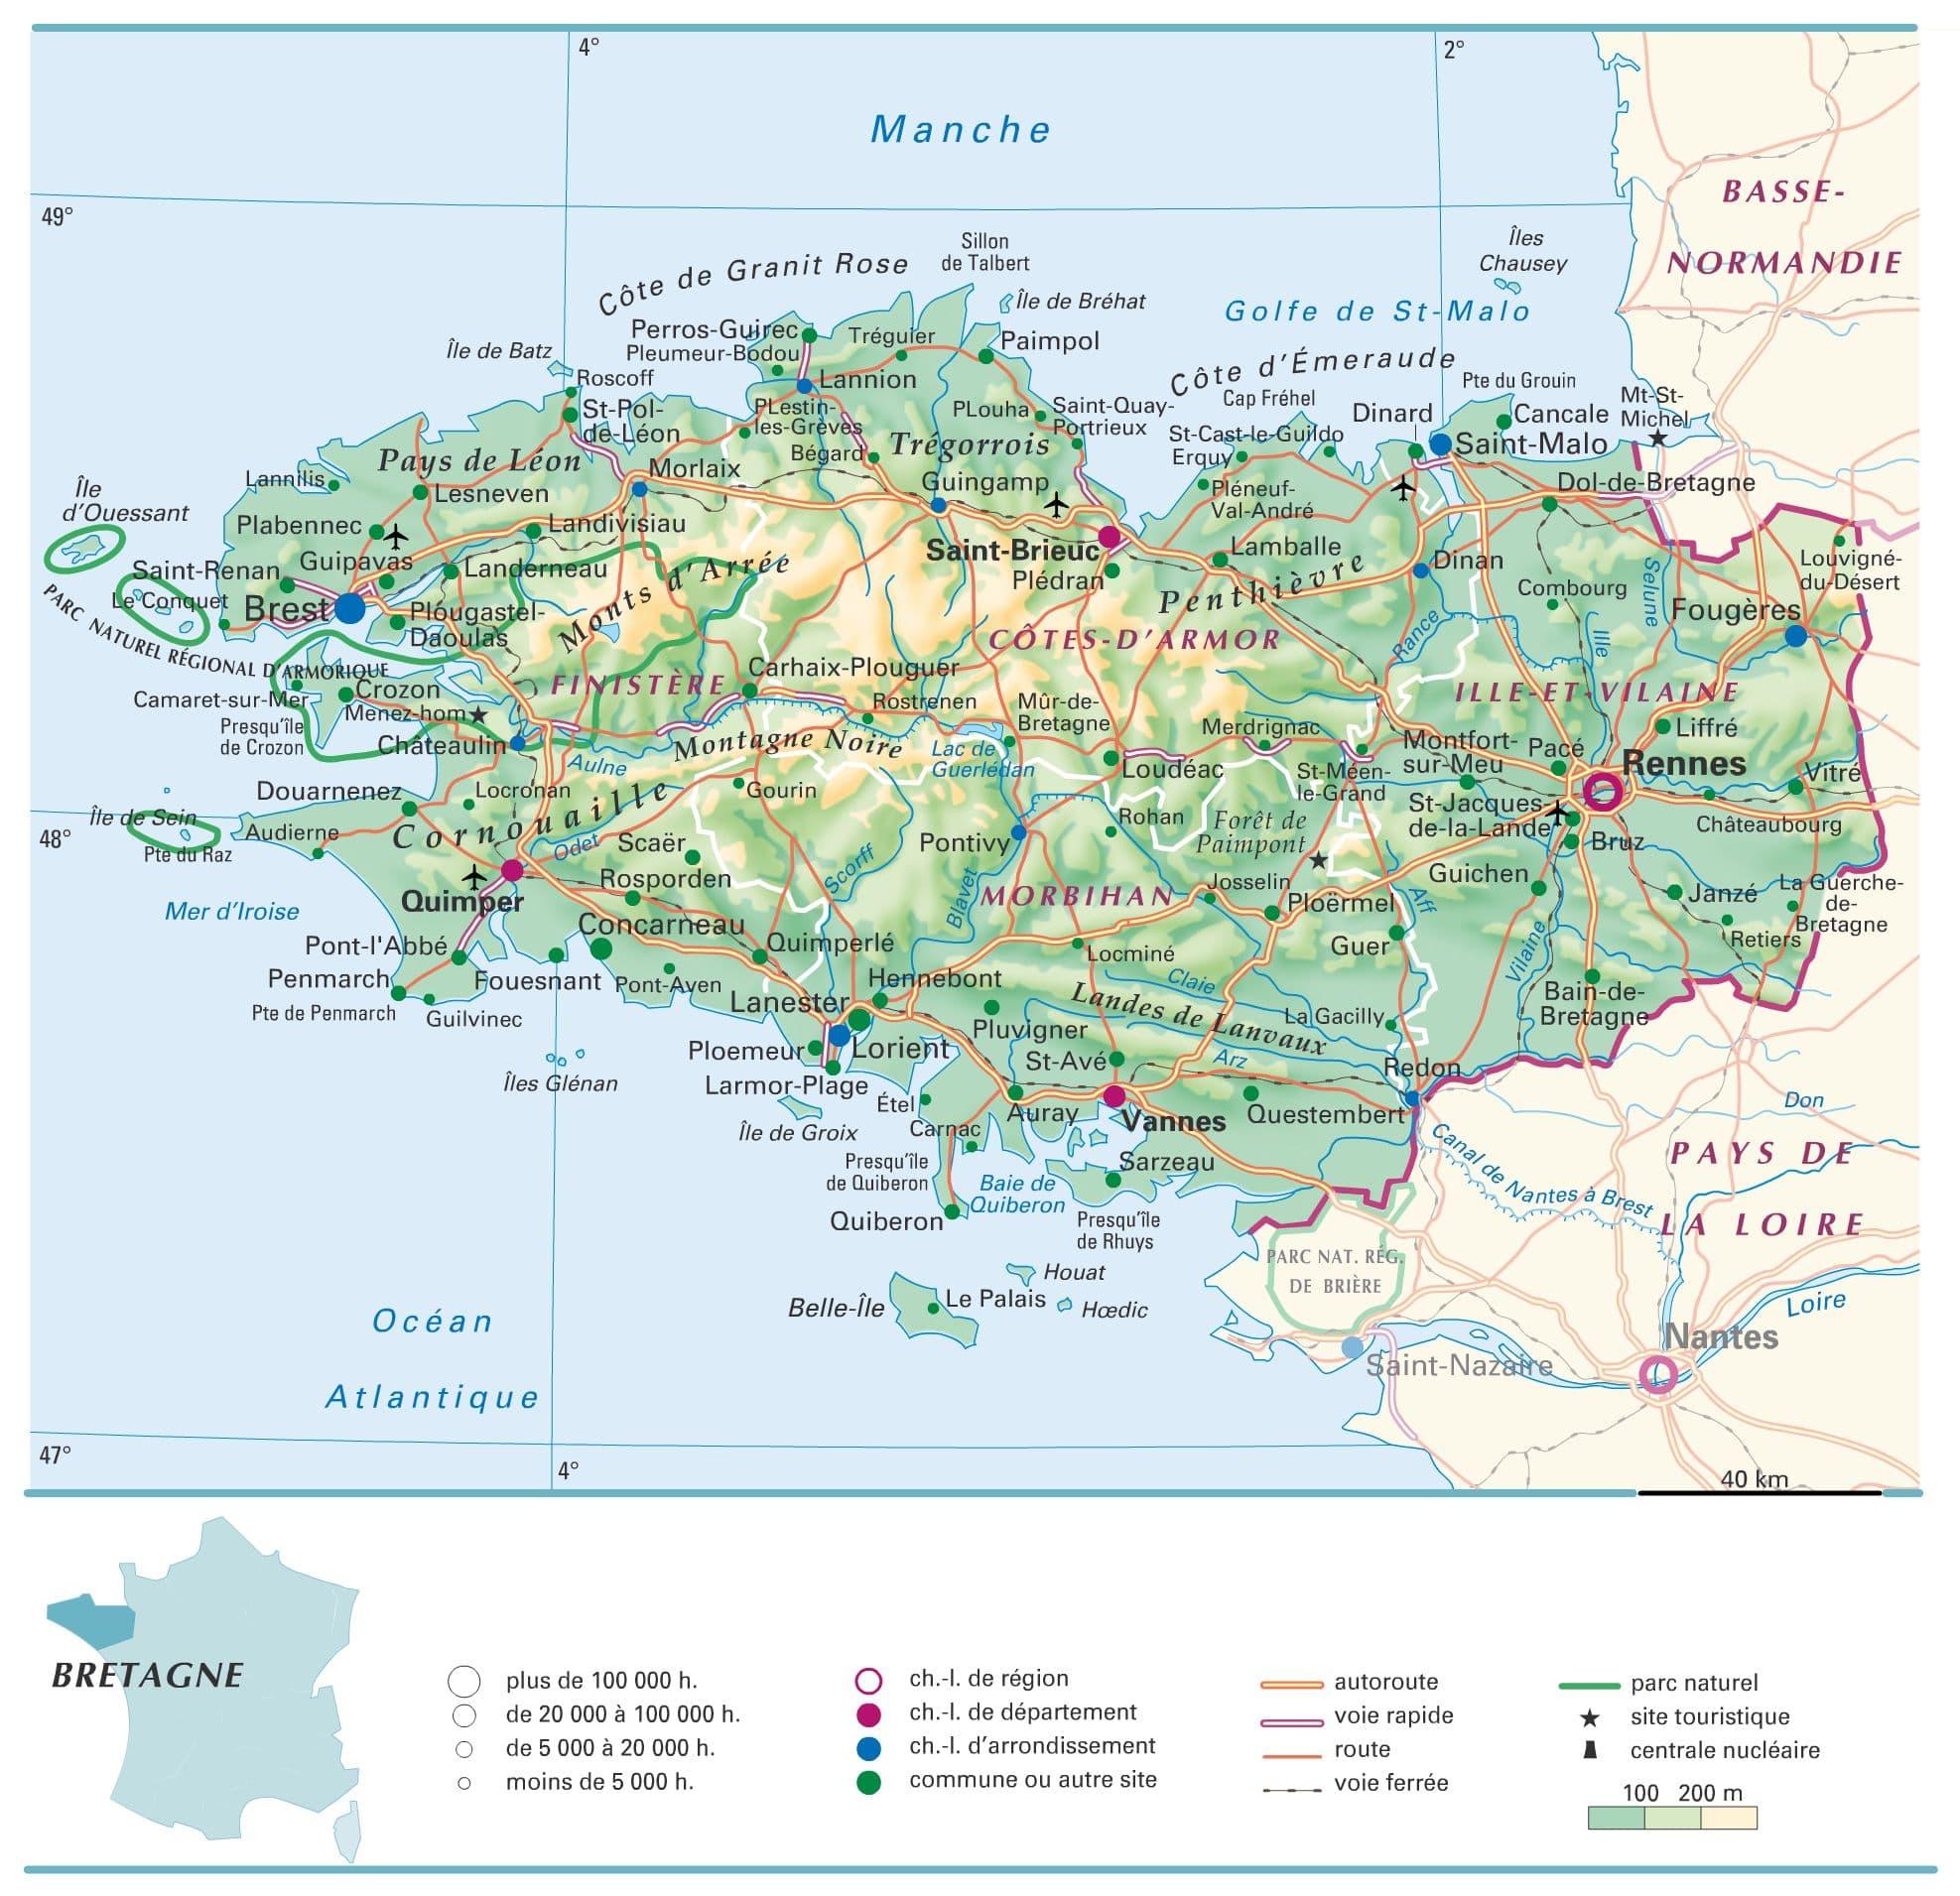 Encyclop die larousse en ligne bretagne - Office de tourisme de grande bretagne en france ...